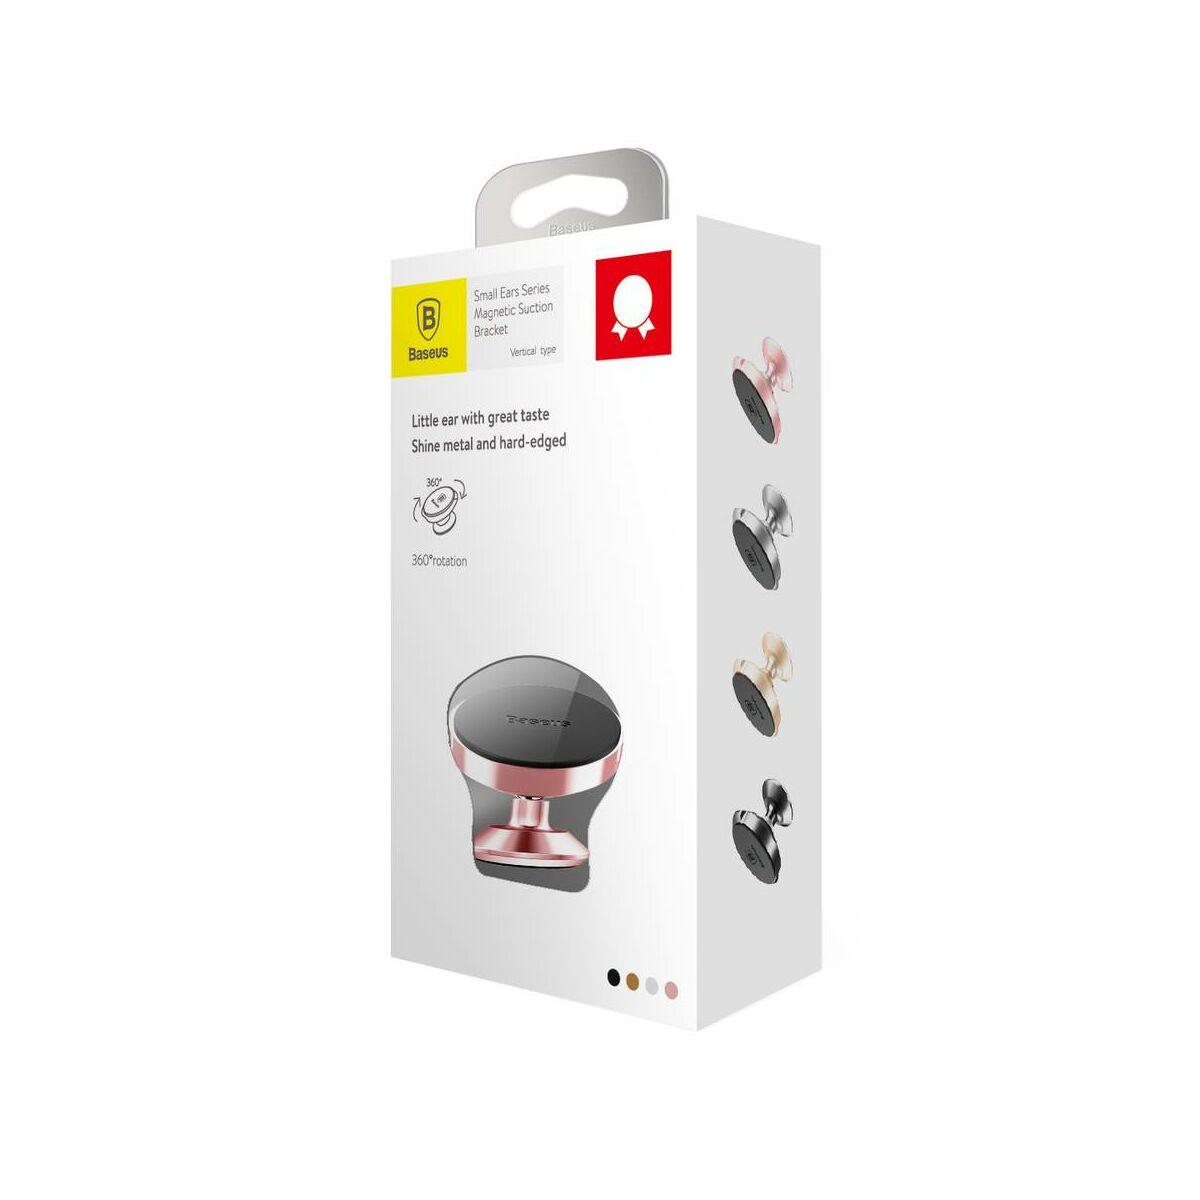 Baseus autós telefontartó, Small Ears series mágneses, műszerfalra, rózsaarany (SUER-B0R)